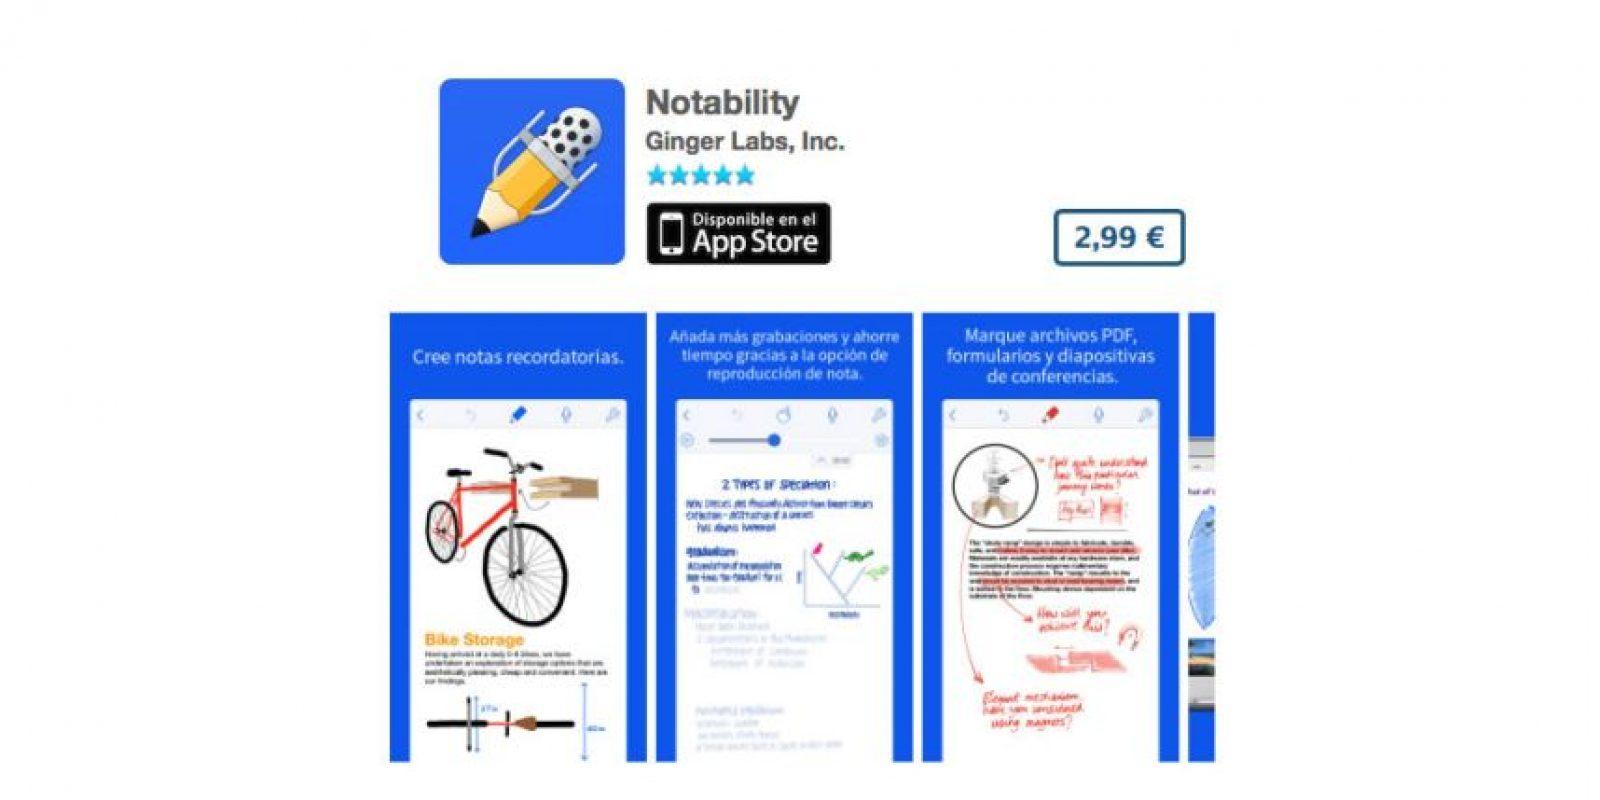 Notability es una potente herramienta para tomar notas que ofrece la posibilidad de realizar anotaciones. Precio cuatro dólares Foto:De Ginger Labs